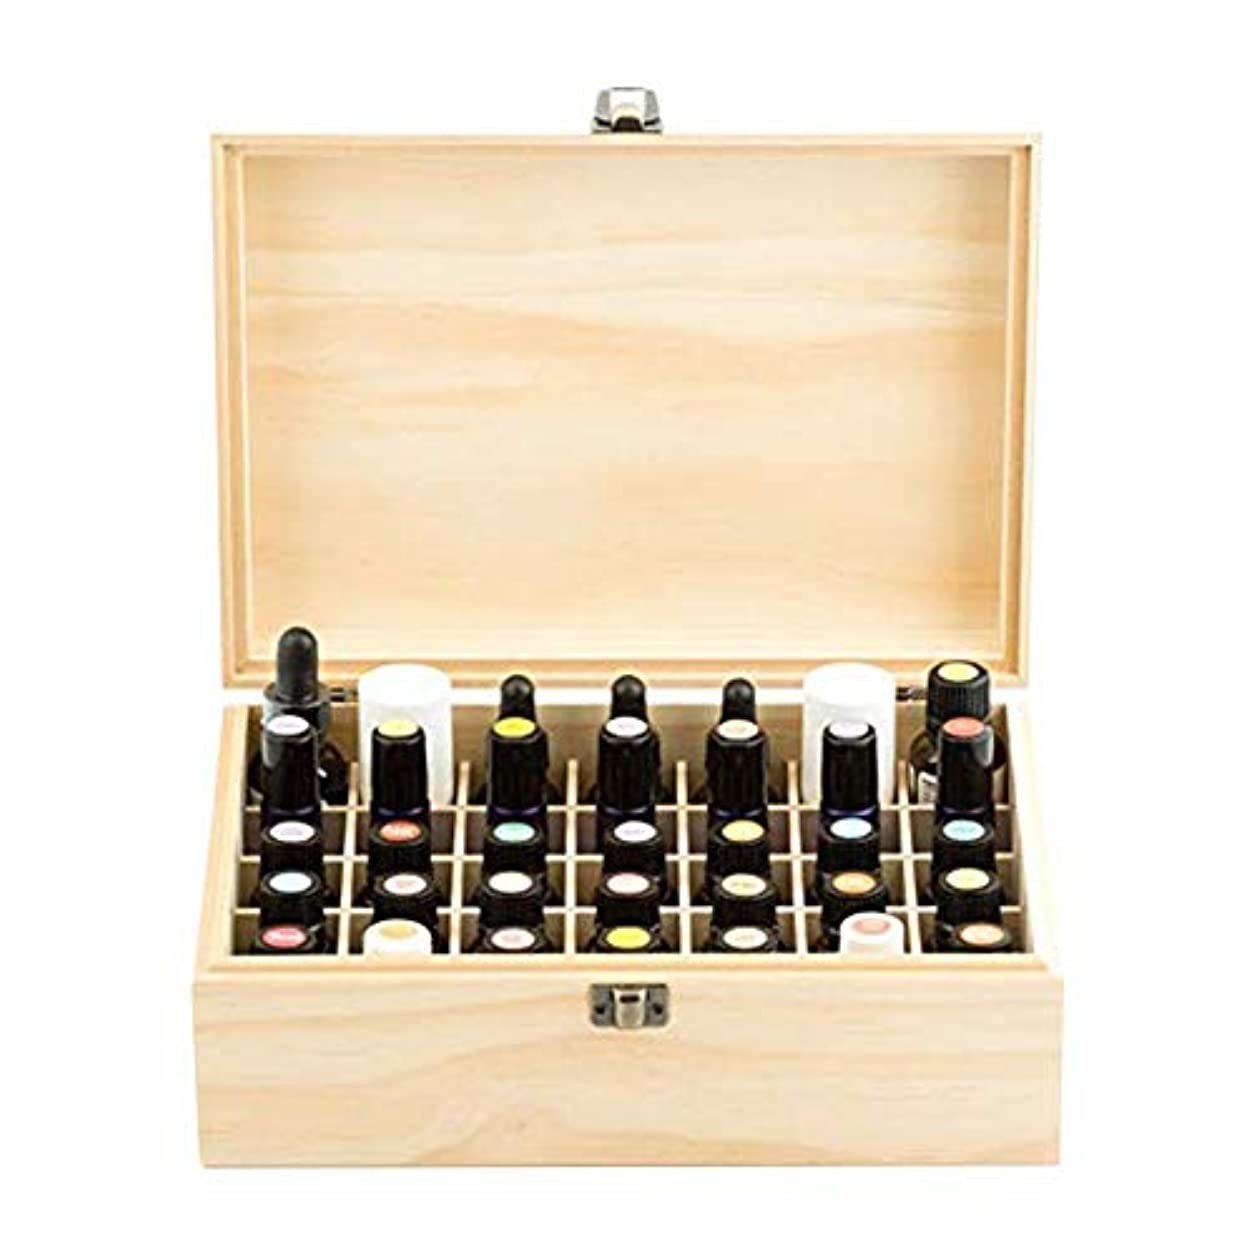 蓄積するスマイル野球精油収納ケース エッセンシャルオイル収納ボックス 木製 コンパートメント木箱 35本入り 5ml?10ml?15mlのボルトに適用 junexi